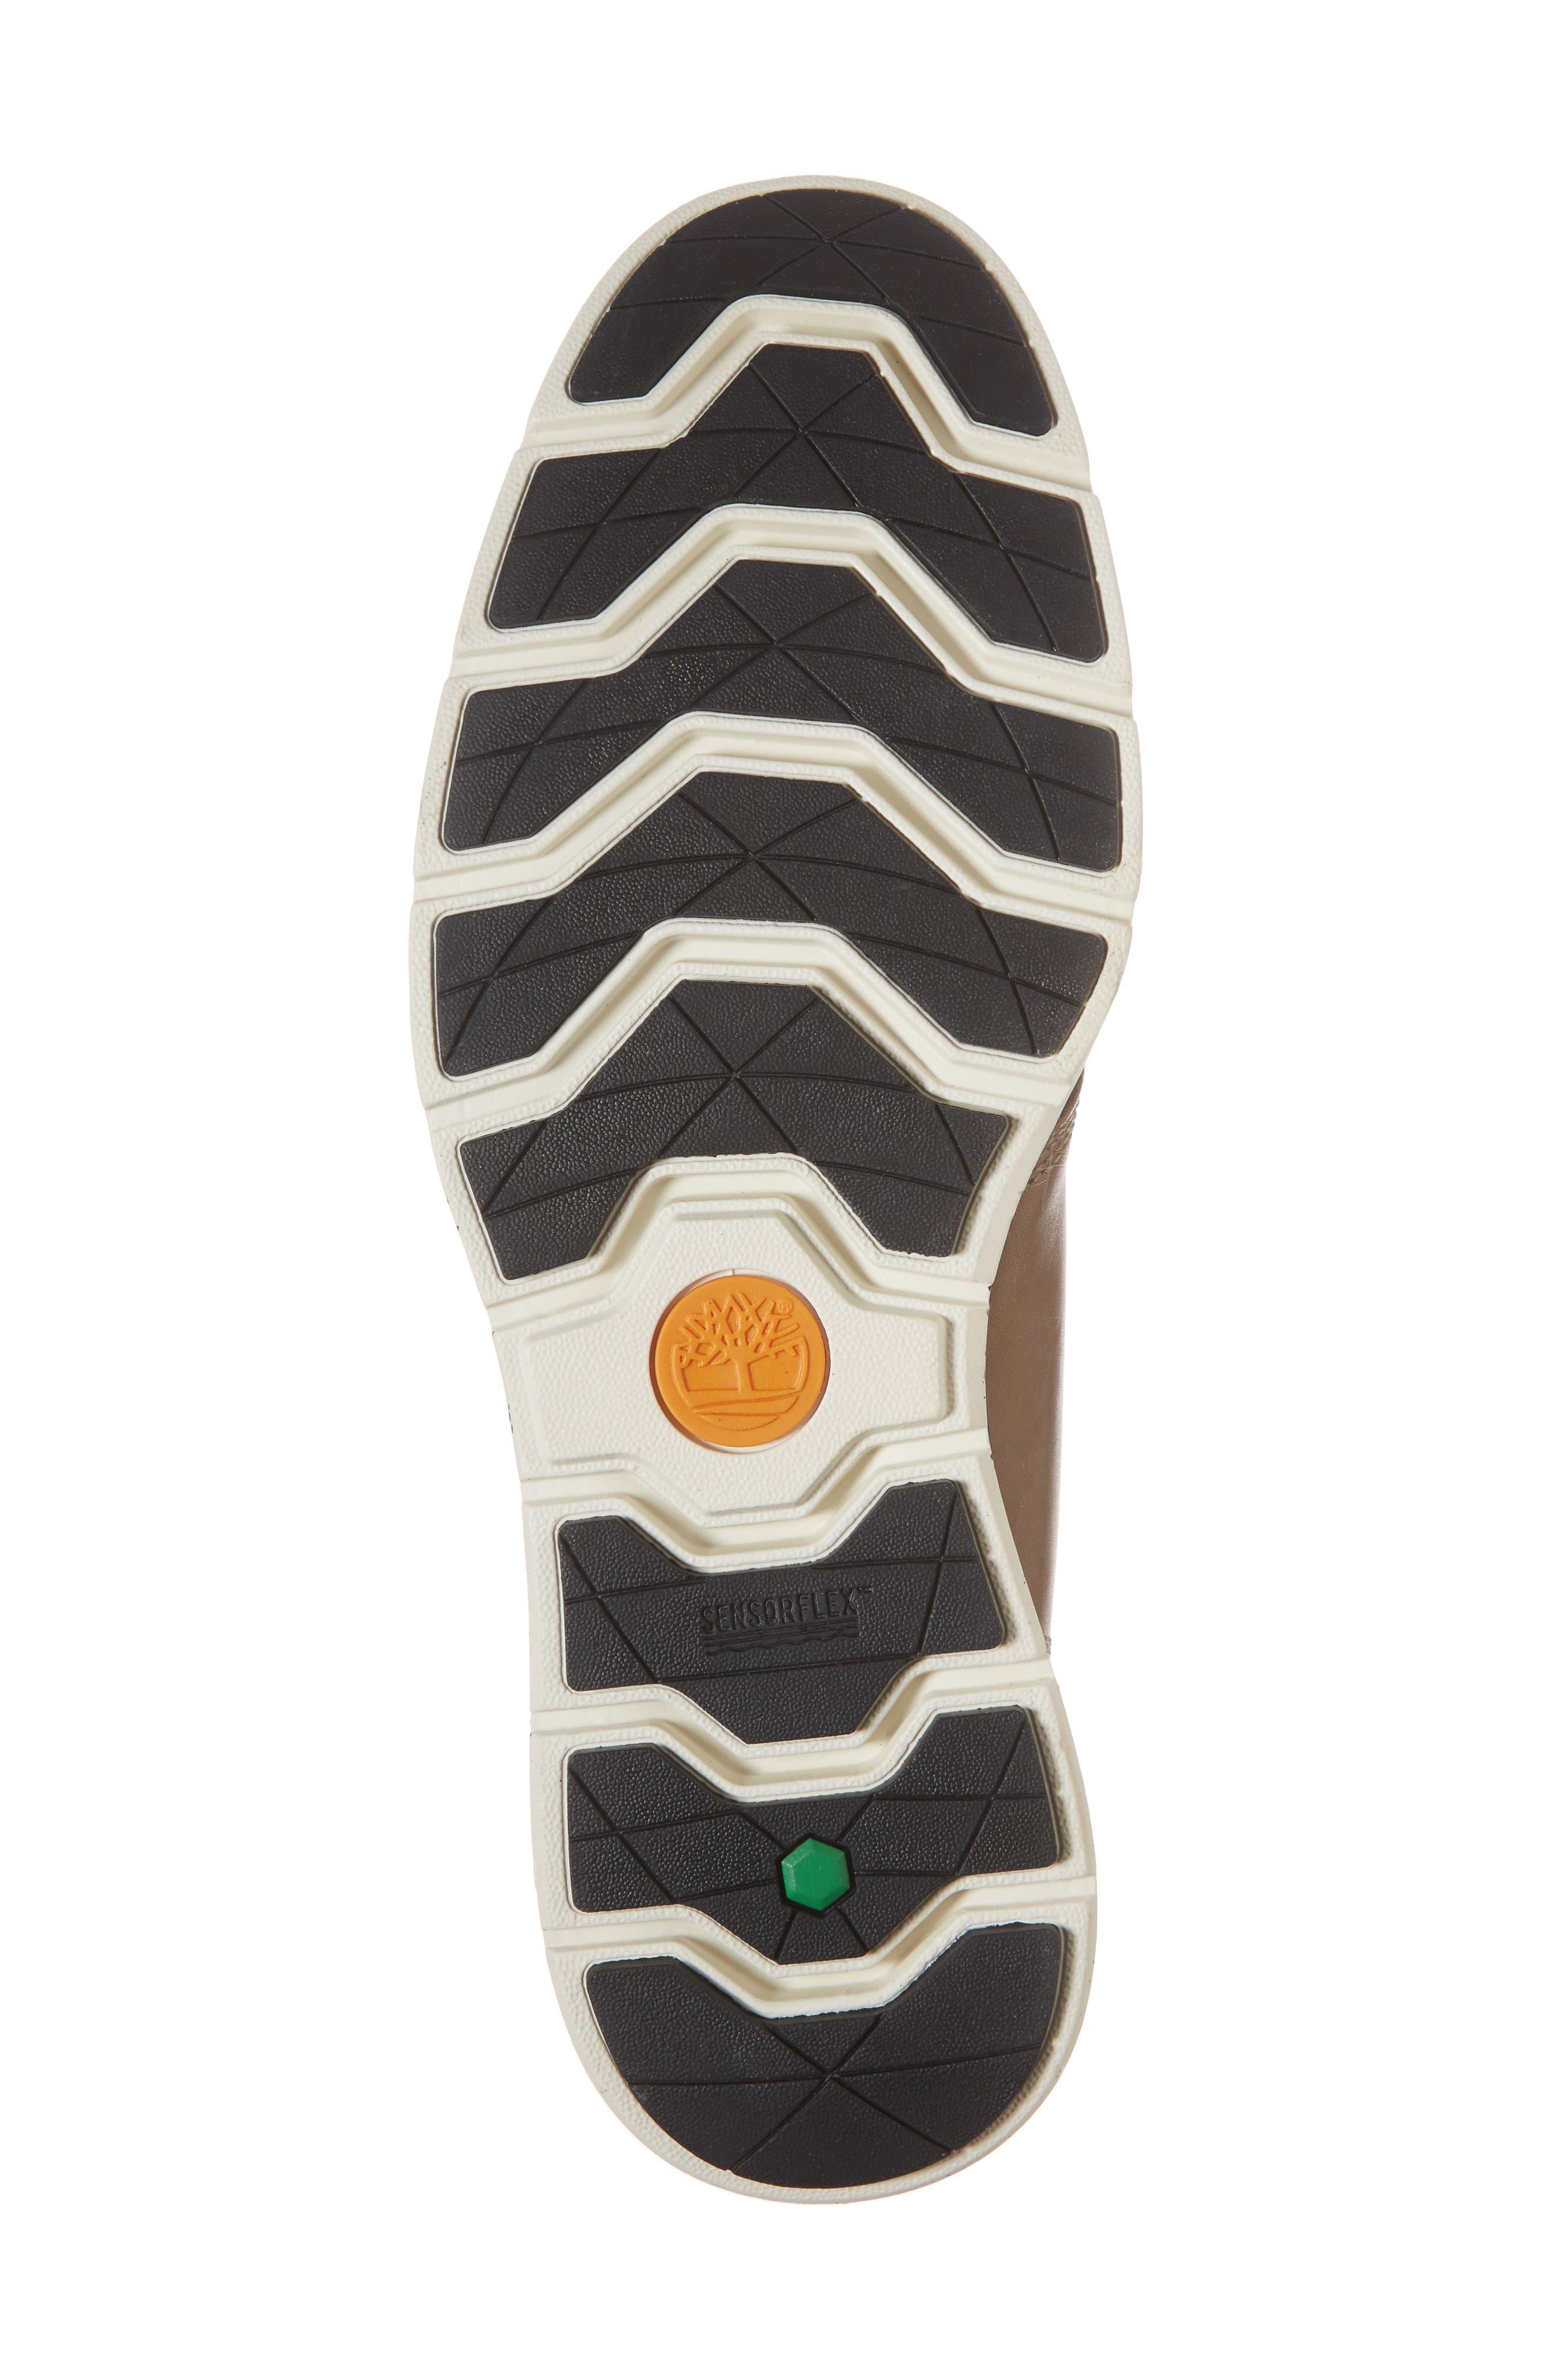 Killington Plain Toe Boot,                             Alternate thumbnail 6, color,                             Buckskin Leather